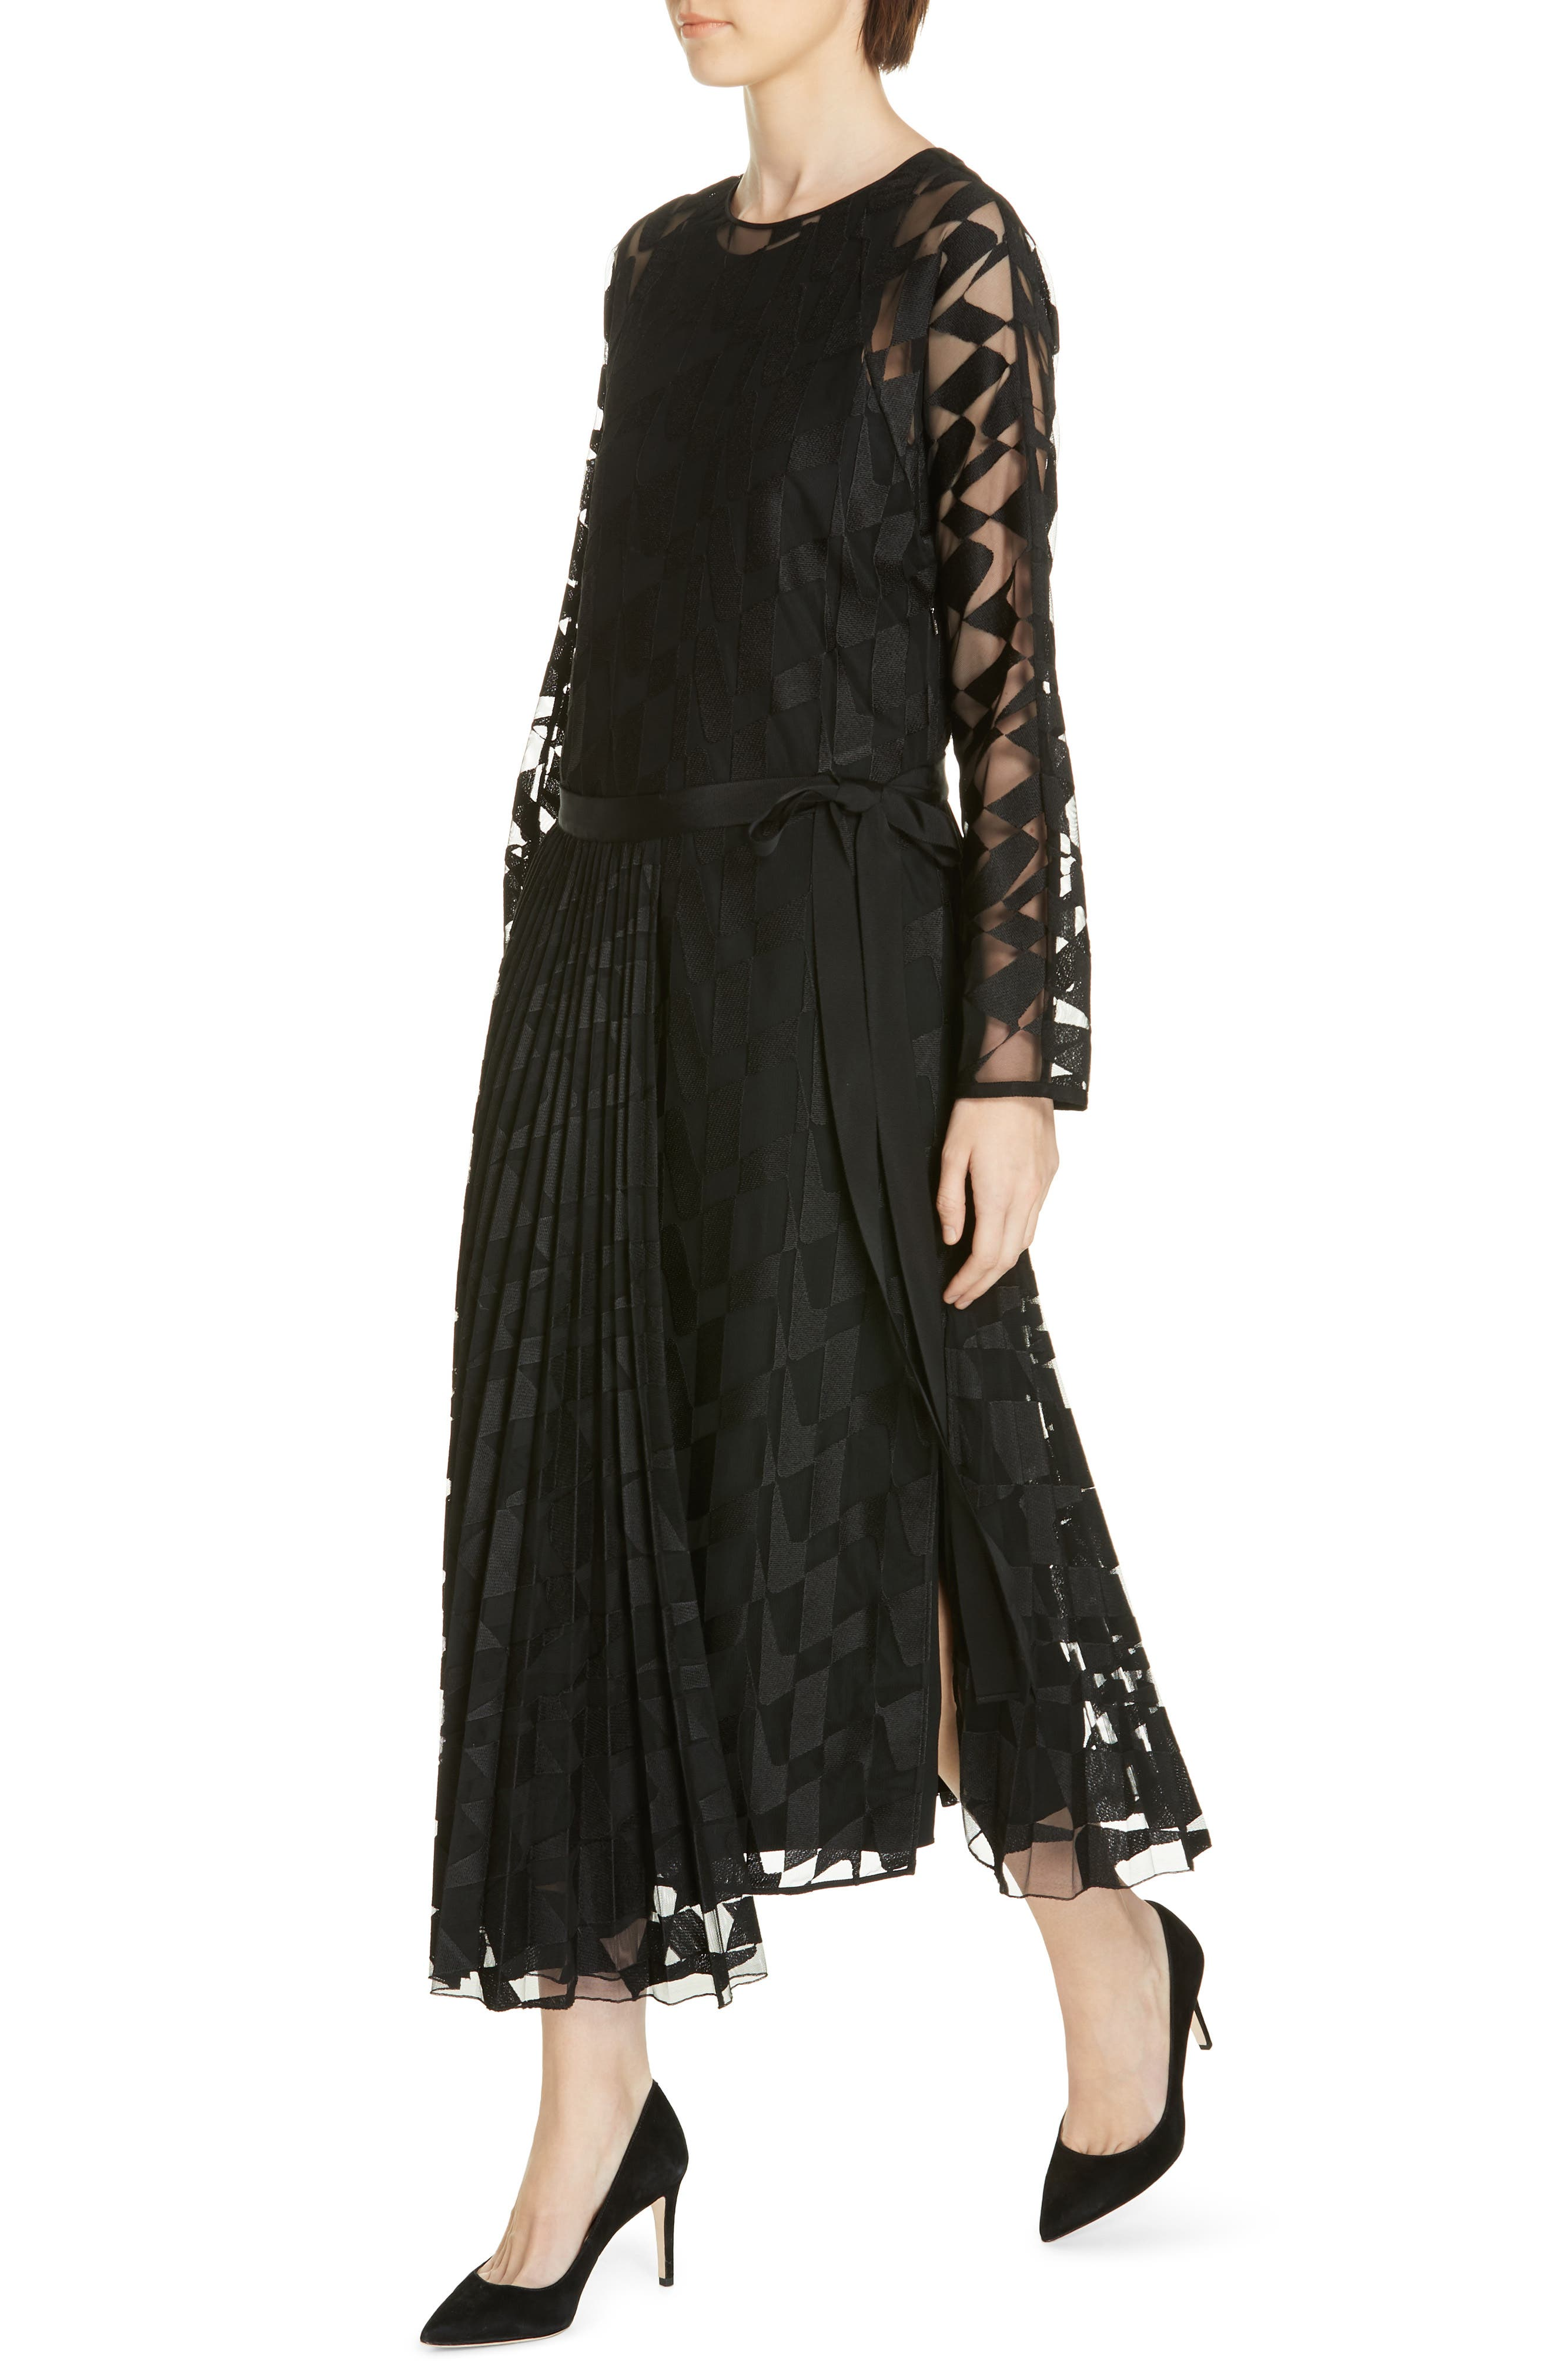 Dalace Pleat & Geo Print Midi Dress,                             Alternate thumbnail 4, color,                             BLACK